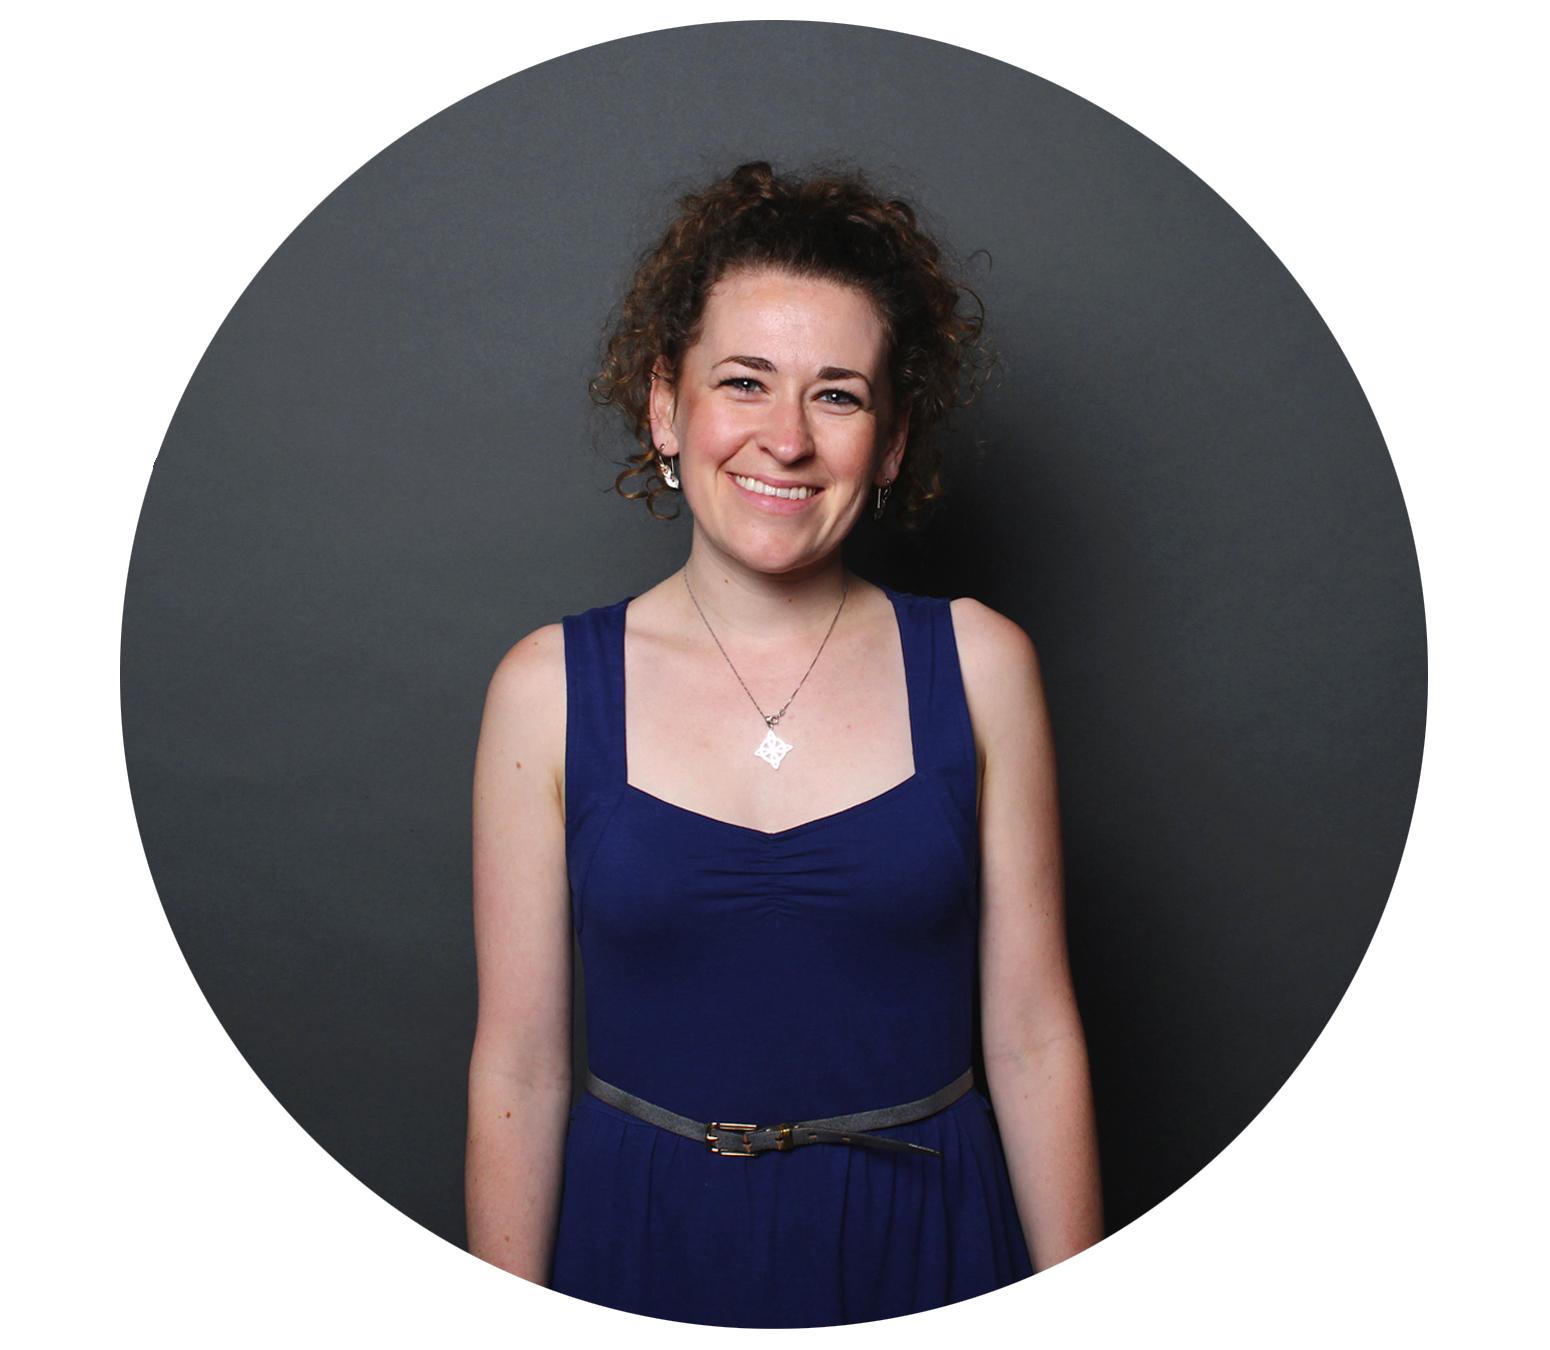 JACQUELINE DESROSIER - YOLA at HOLA Music Instructor